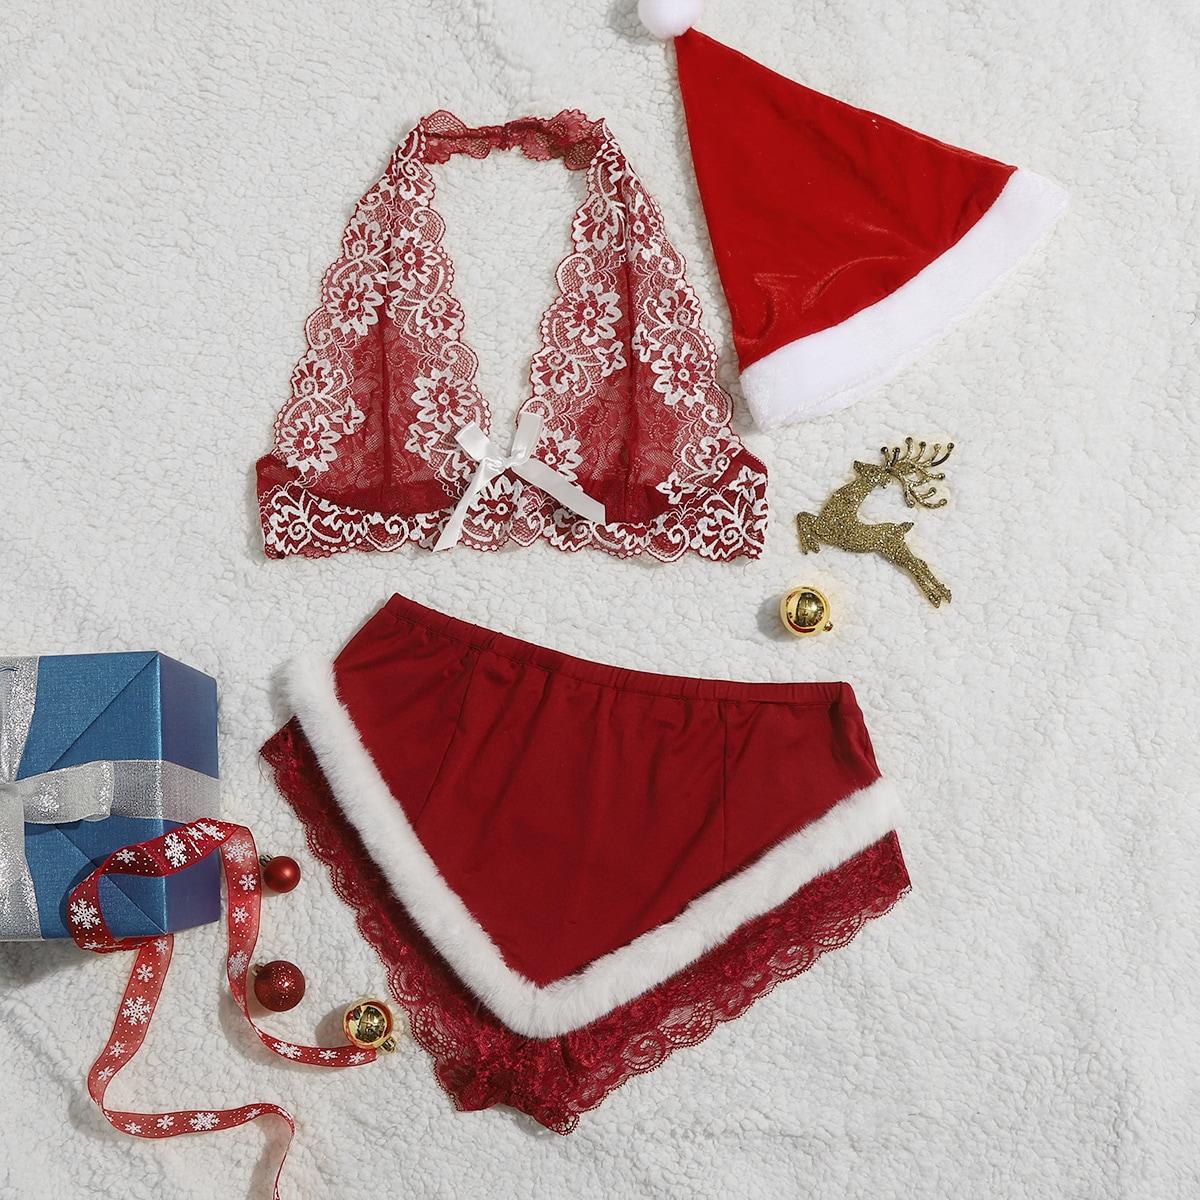 Рождество комплект кружевного нижнего белья с шапкой размера плюс